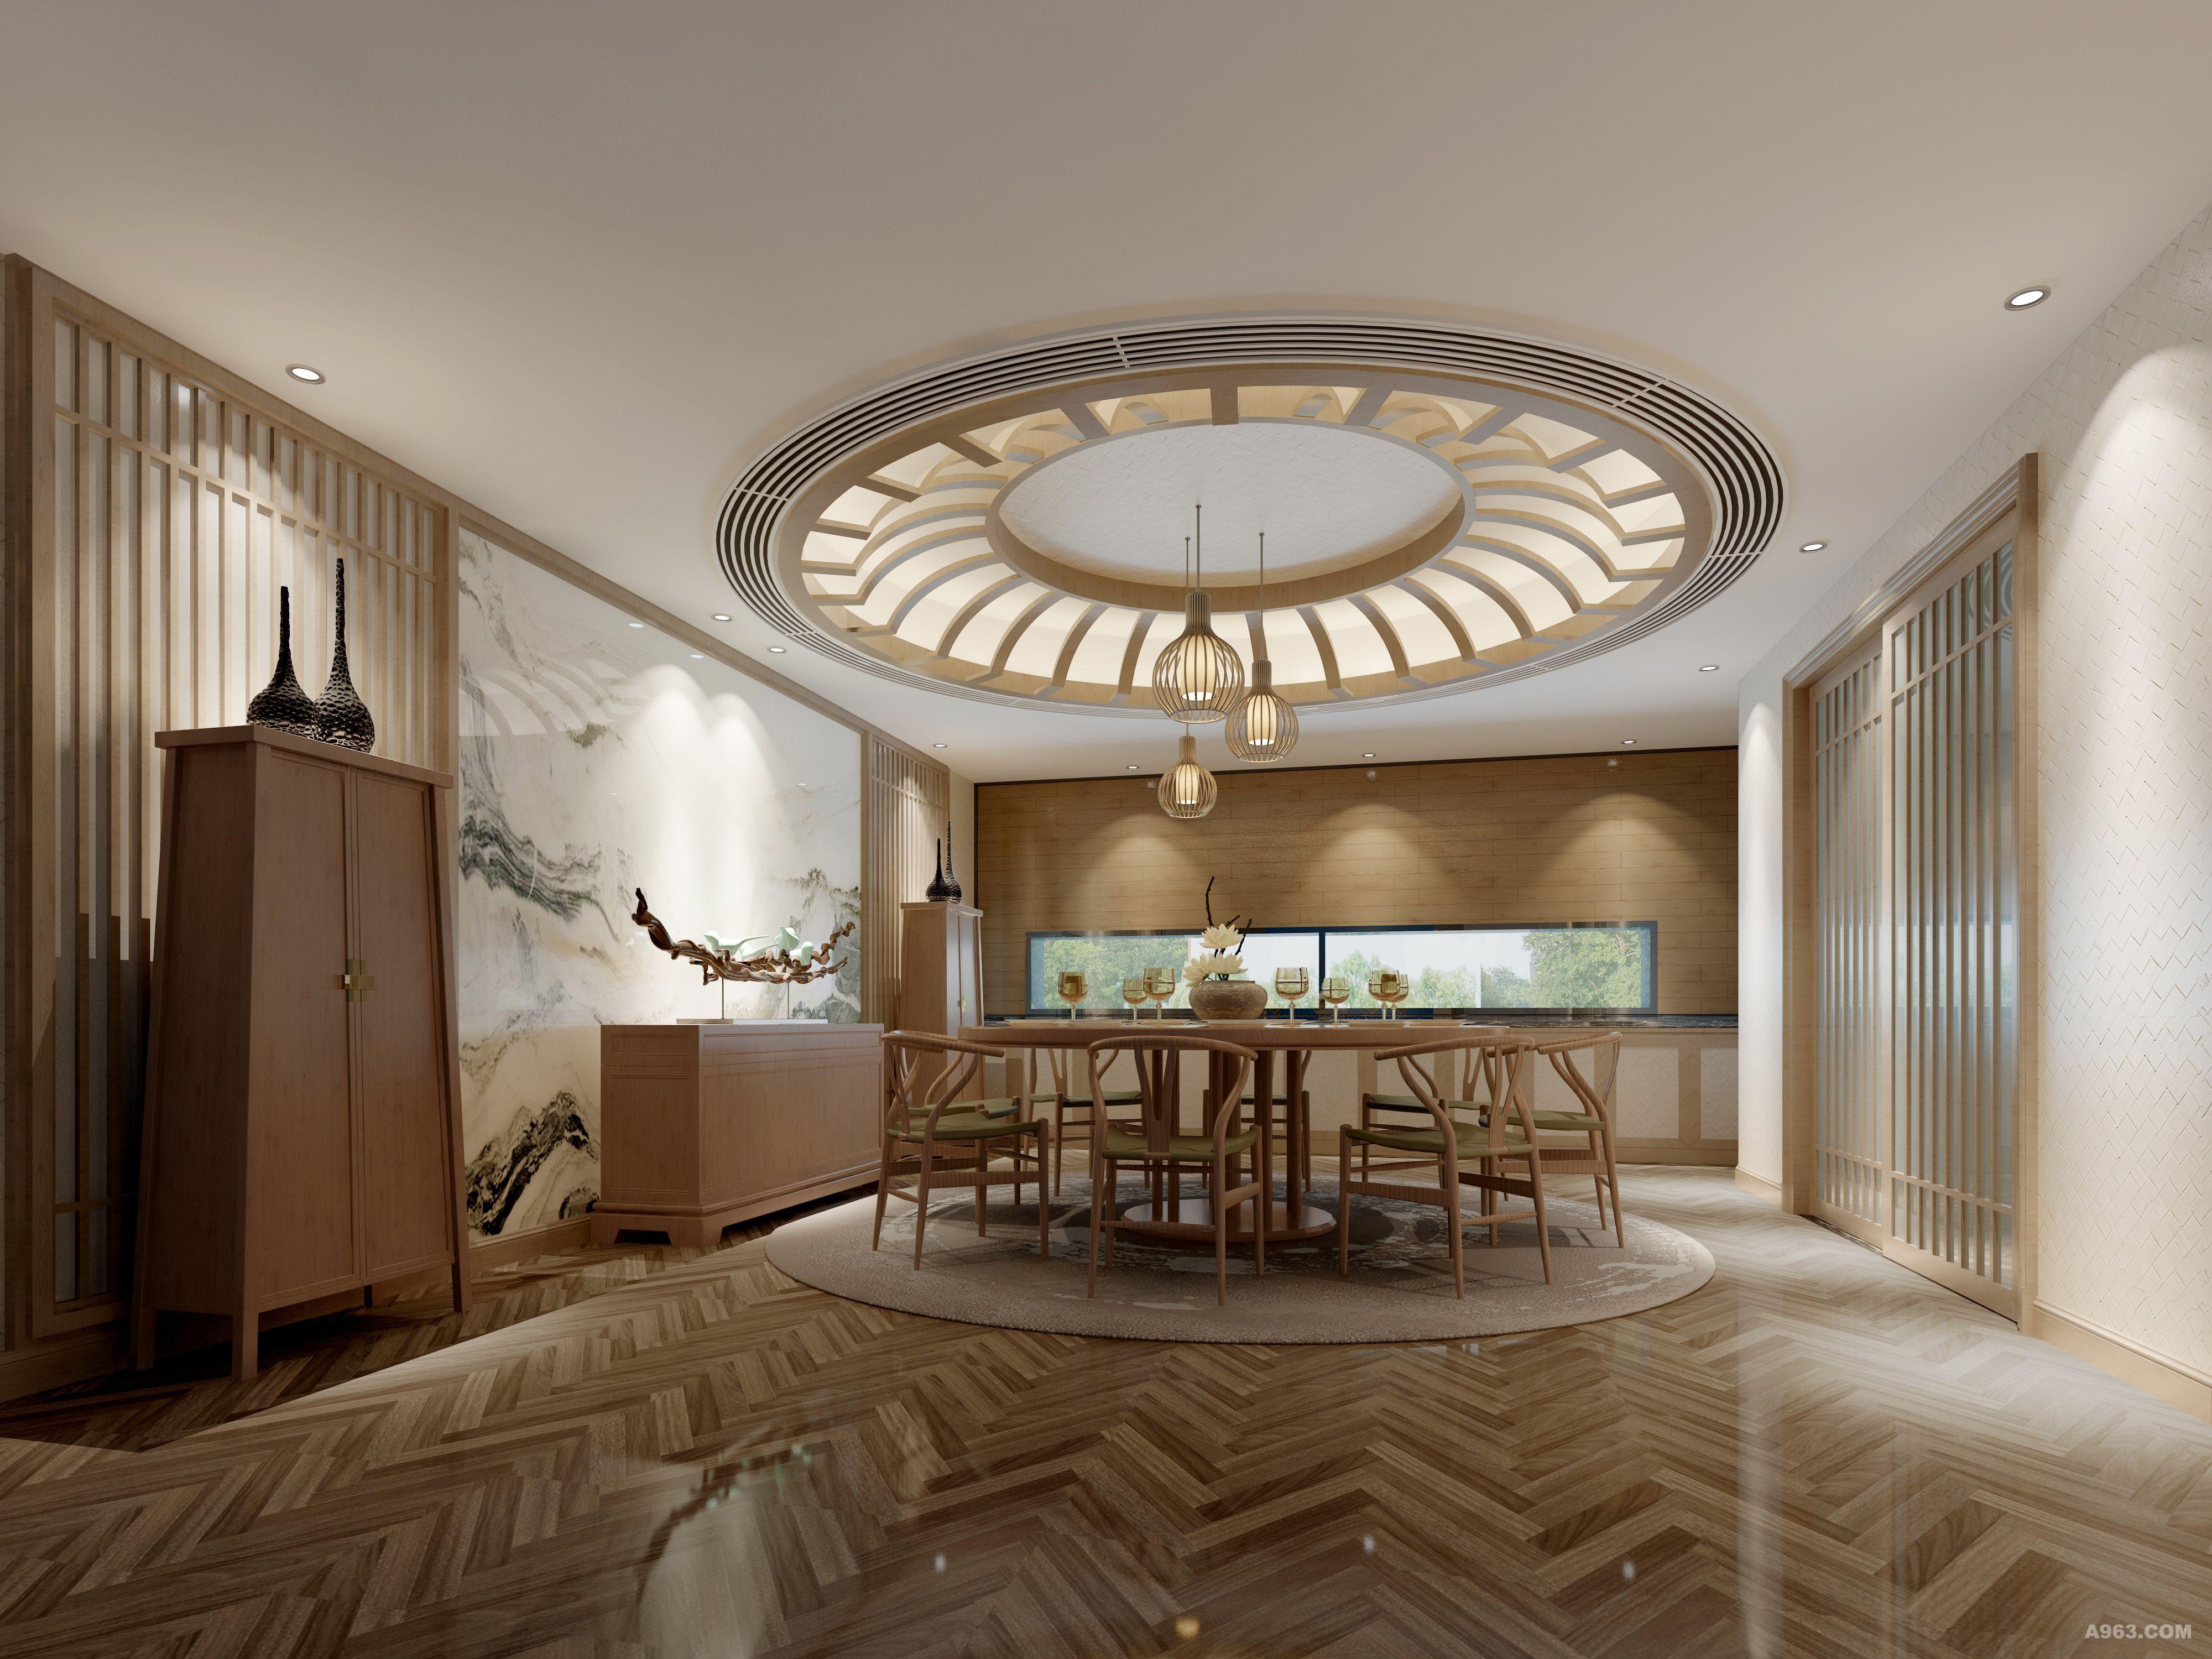 都说房子的格调彰显主人的品味,这个空间目之所及便是素朴的木色,简洁的陈设,写意的墙体山水画,清雅幽静,足见屋子主人淡泊宁静的心境